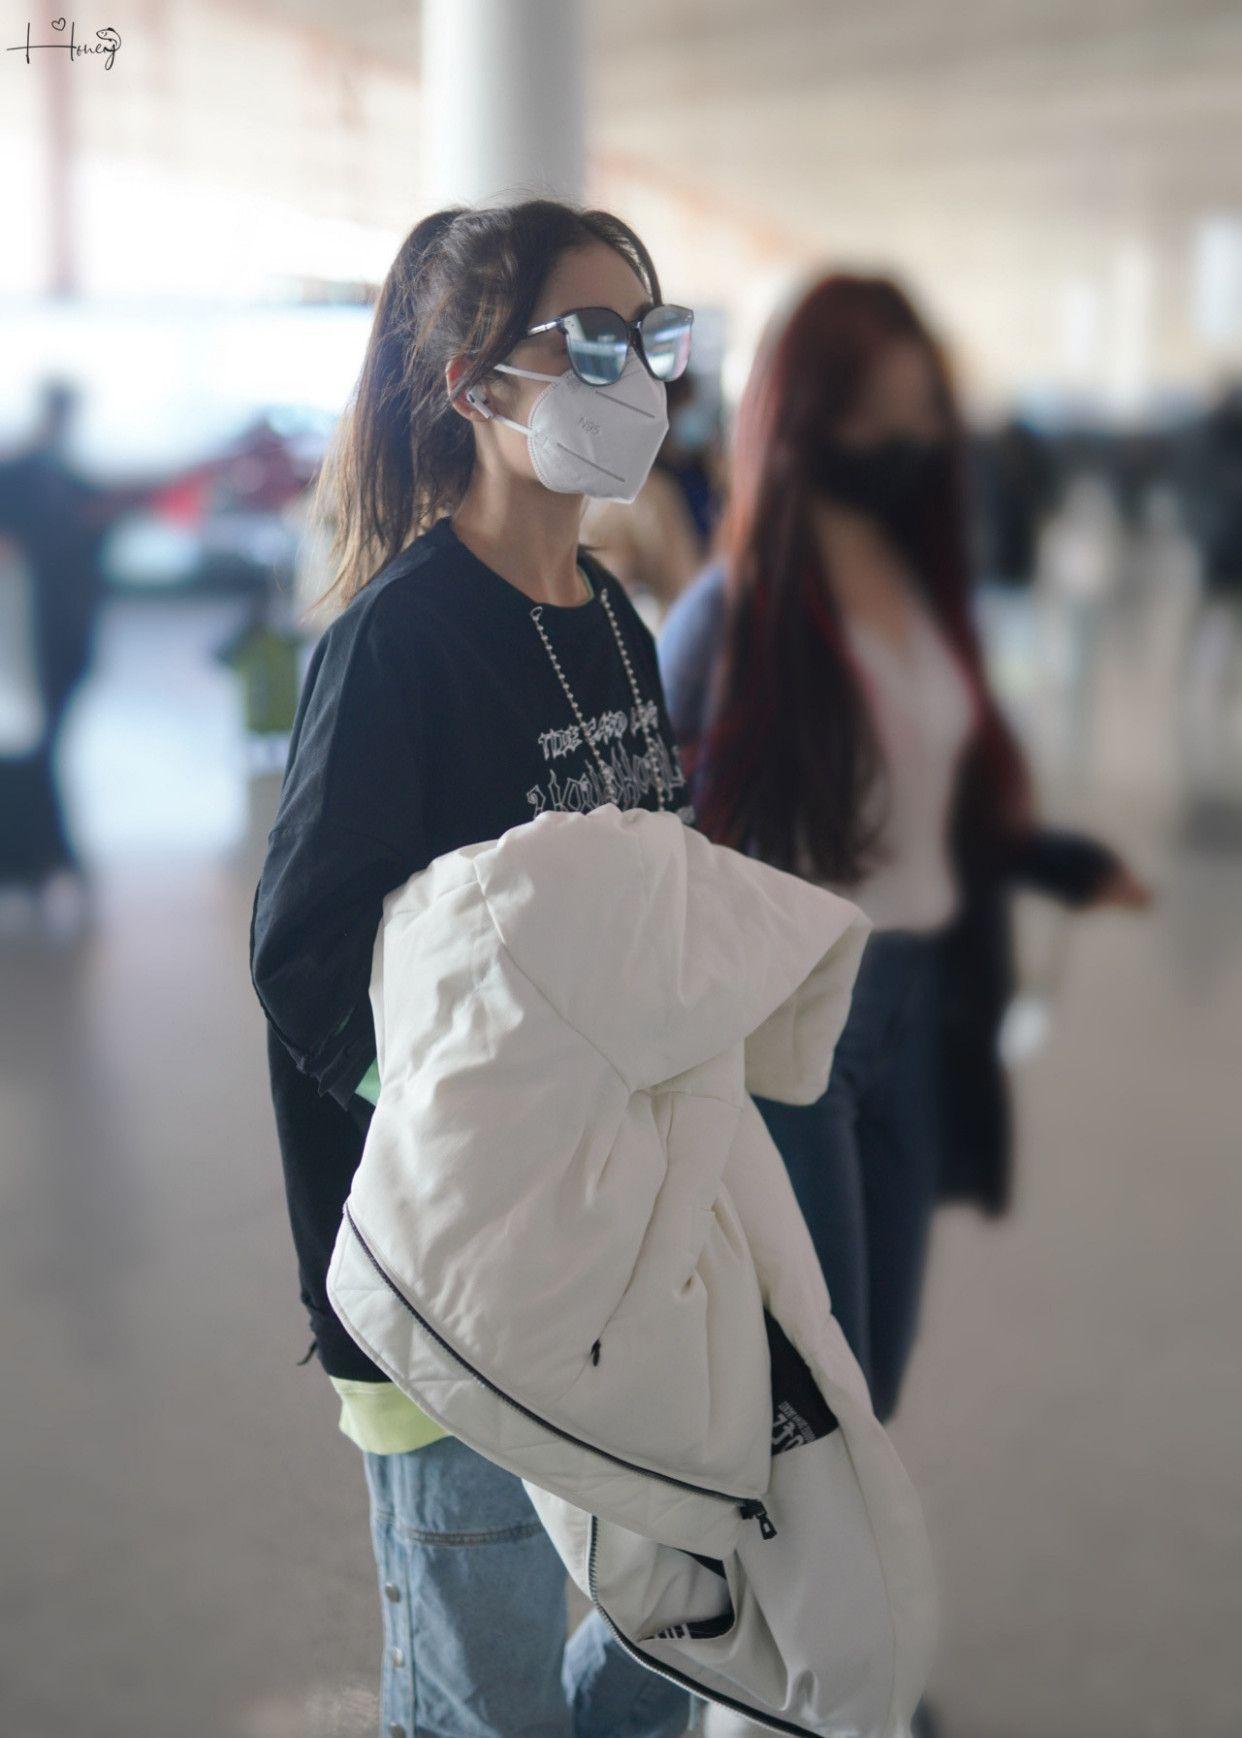 希林娜依高机场街拍,身穿纽扣牛仔裤和毛边帆布鞋,玩转街头潮流